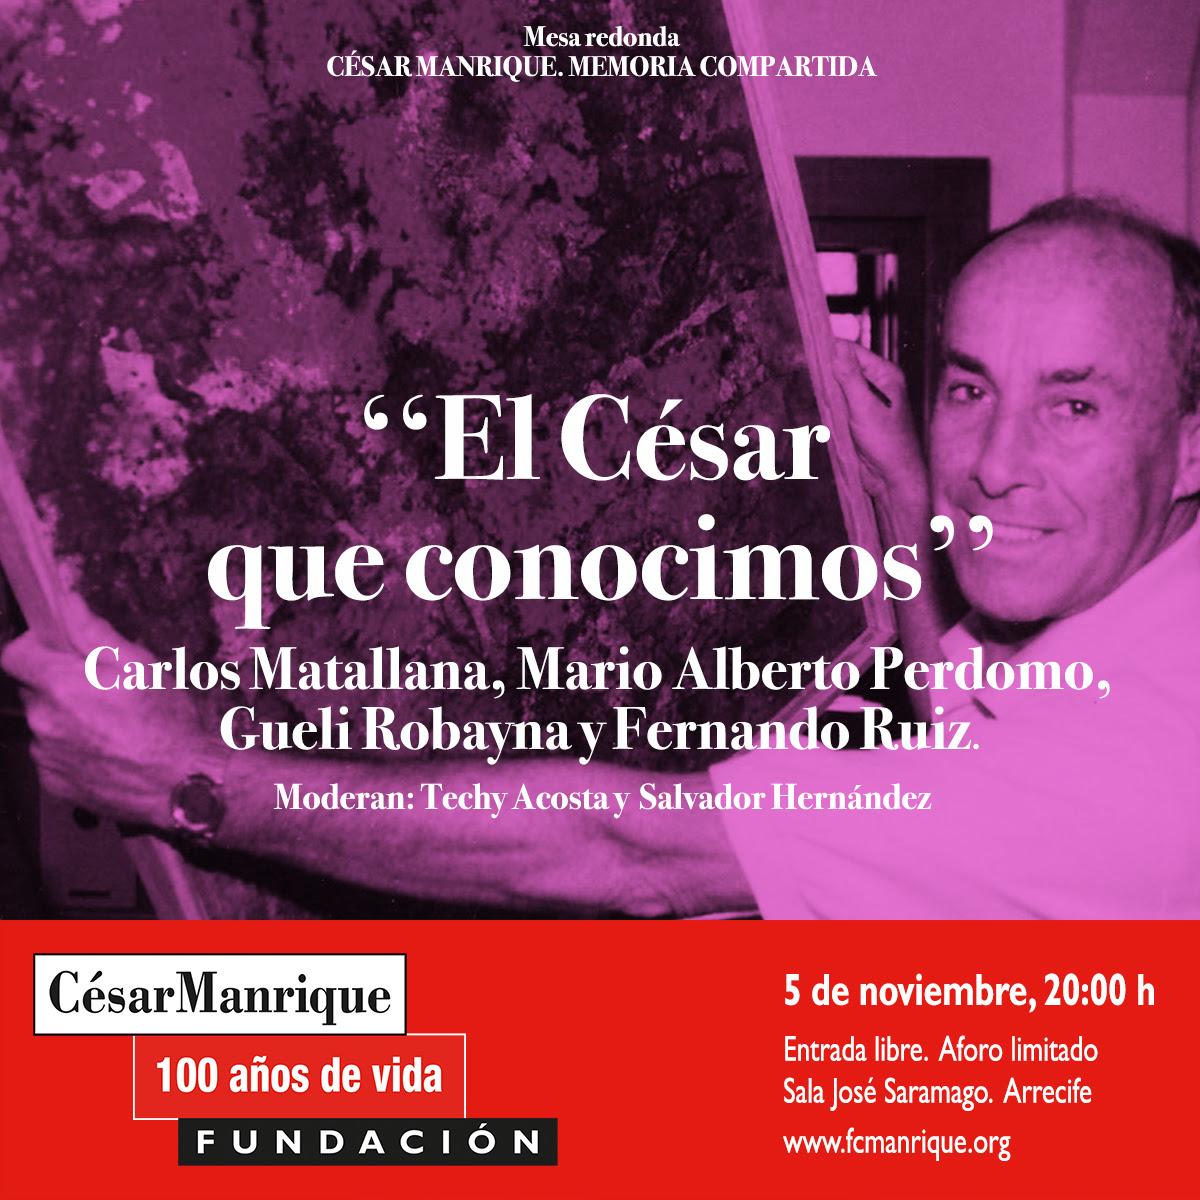 """La FCM acogerá la mesa redonda """"El César que conocimos"""", una aproximación al lado más personal del artista, en el marco de su centenario"""